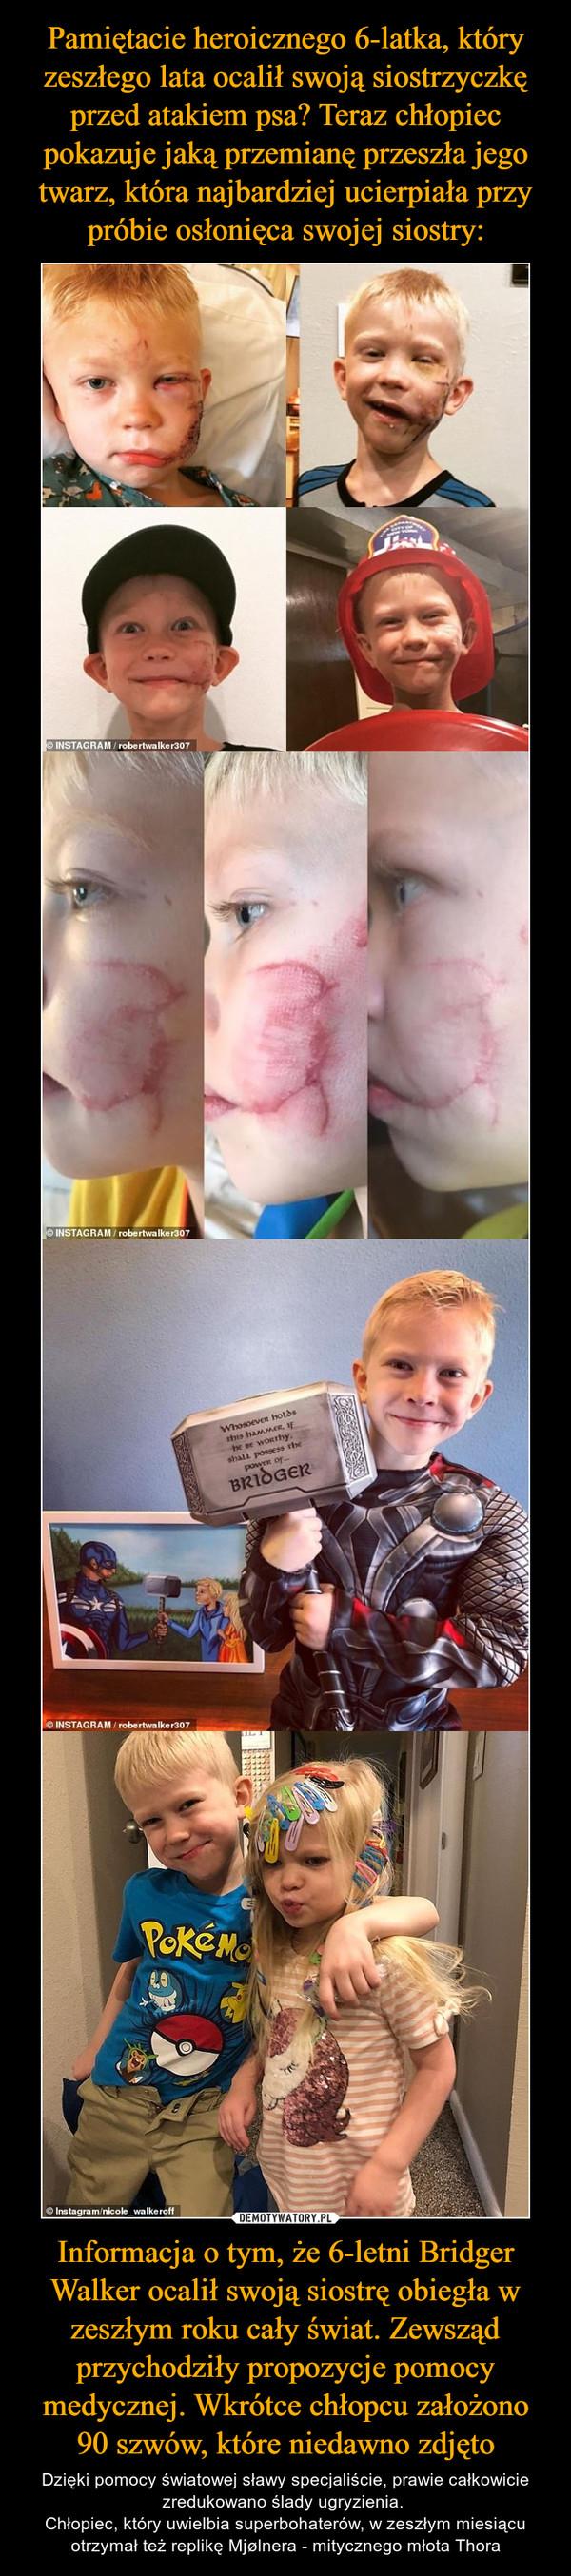 Informacja o tym, że 6-letni Bridger Walker ocalił swoją siostrę obiegła w zeszłym roku cały świat. Zewsząd przychodziły propozycje pomocy medycznej. Wkrótce chłopcu założono 90 szwów, które niedawno zdjęto – Dzięki pomocy światowej sławy specjaliście, prawie całkowicie zredukowano ślady ugryzienia. Chłopiec, który uwielbia superbohaterów, w zeszłym miesiącu otrzymał też replikę Mjølnera - mitycznego młota Thora